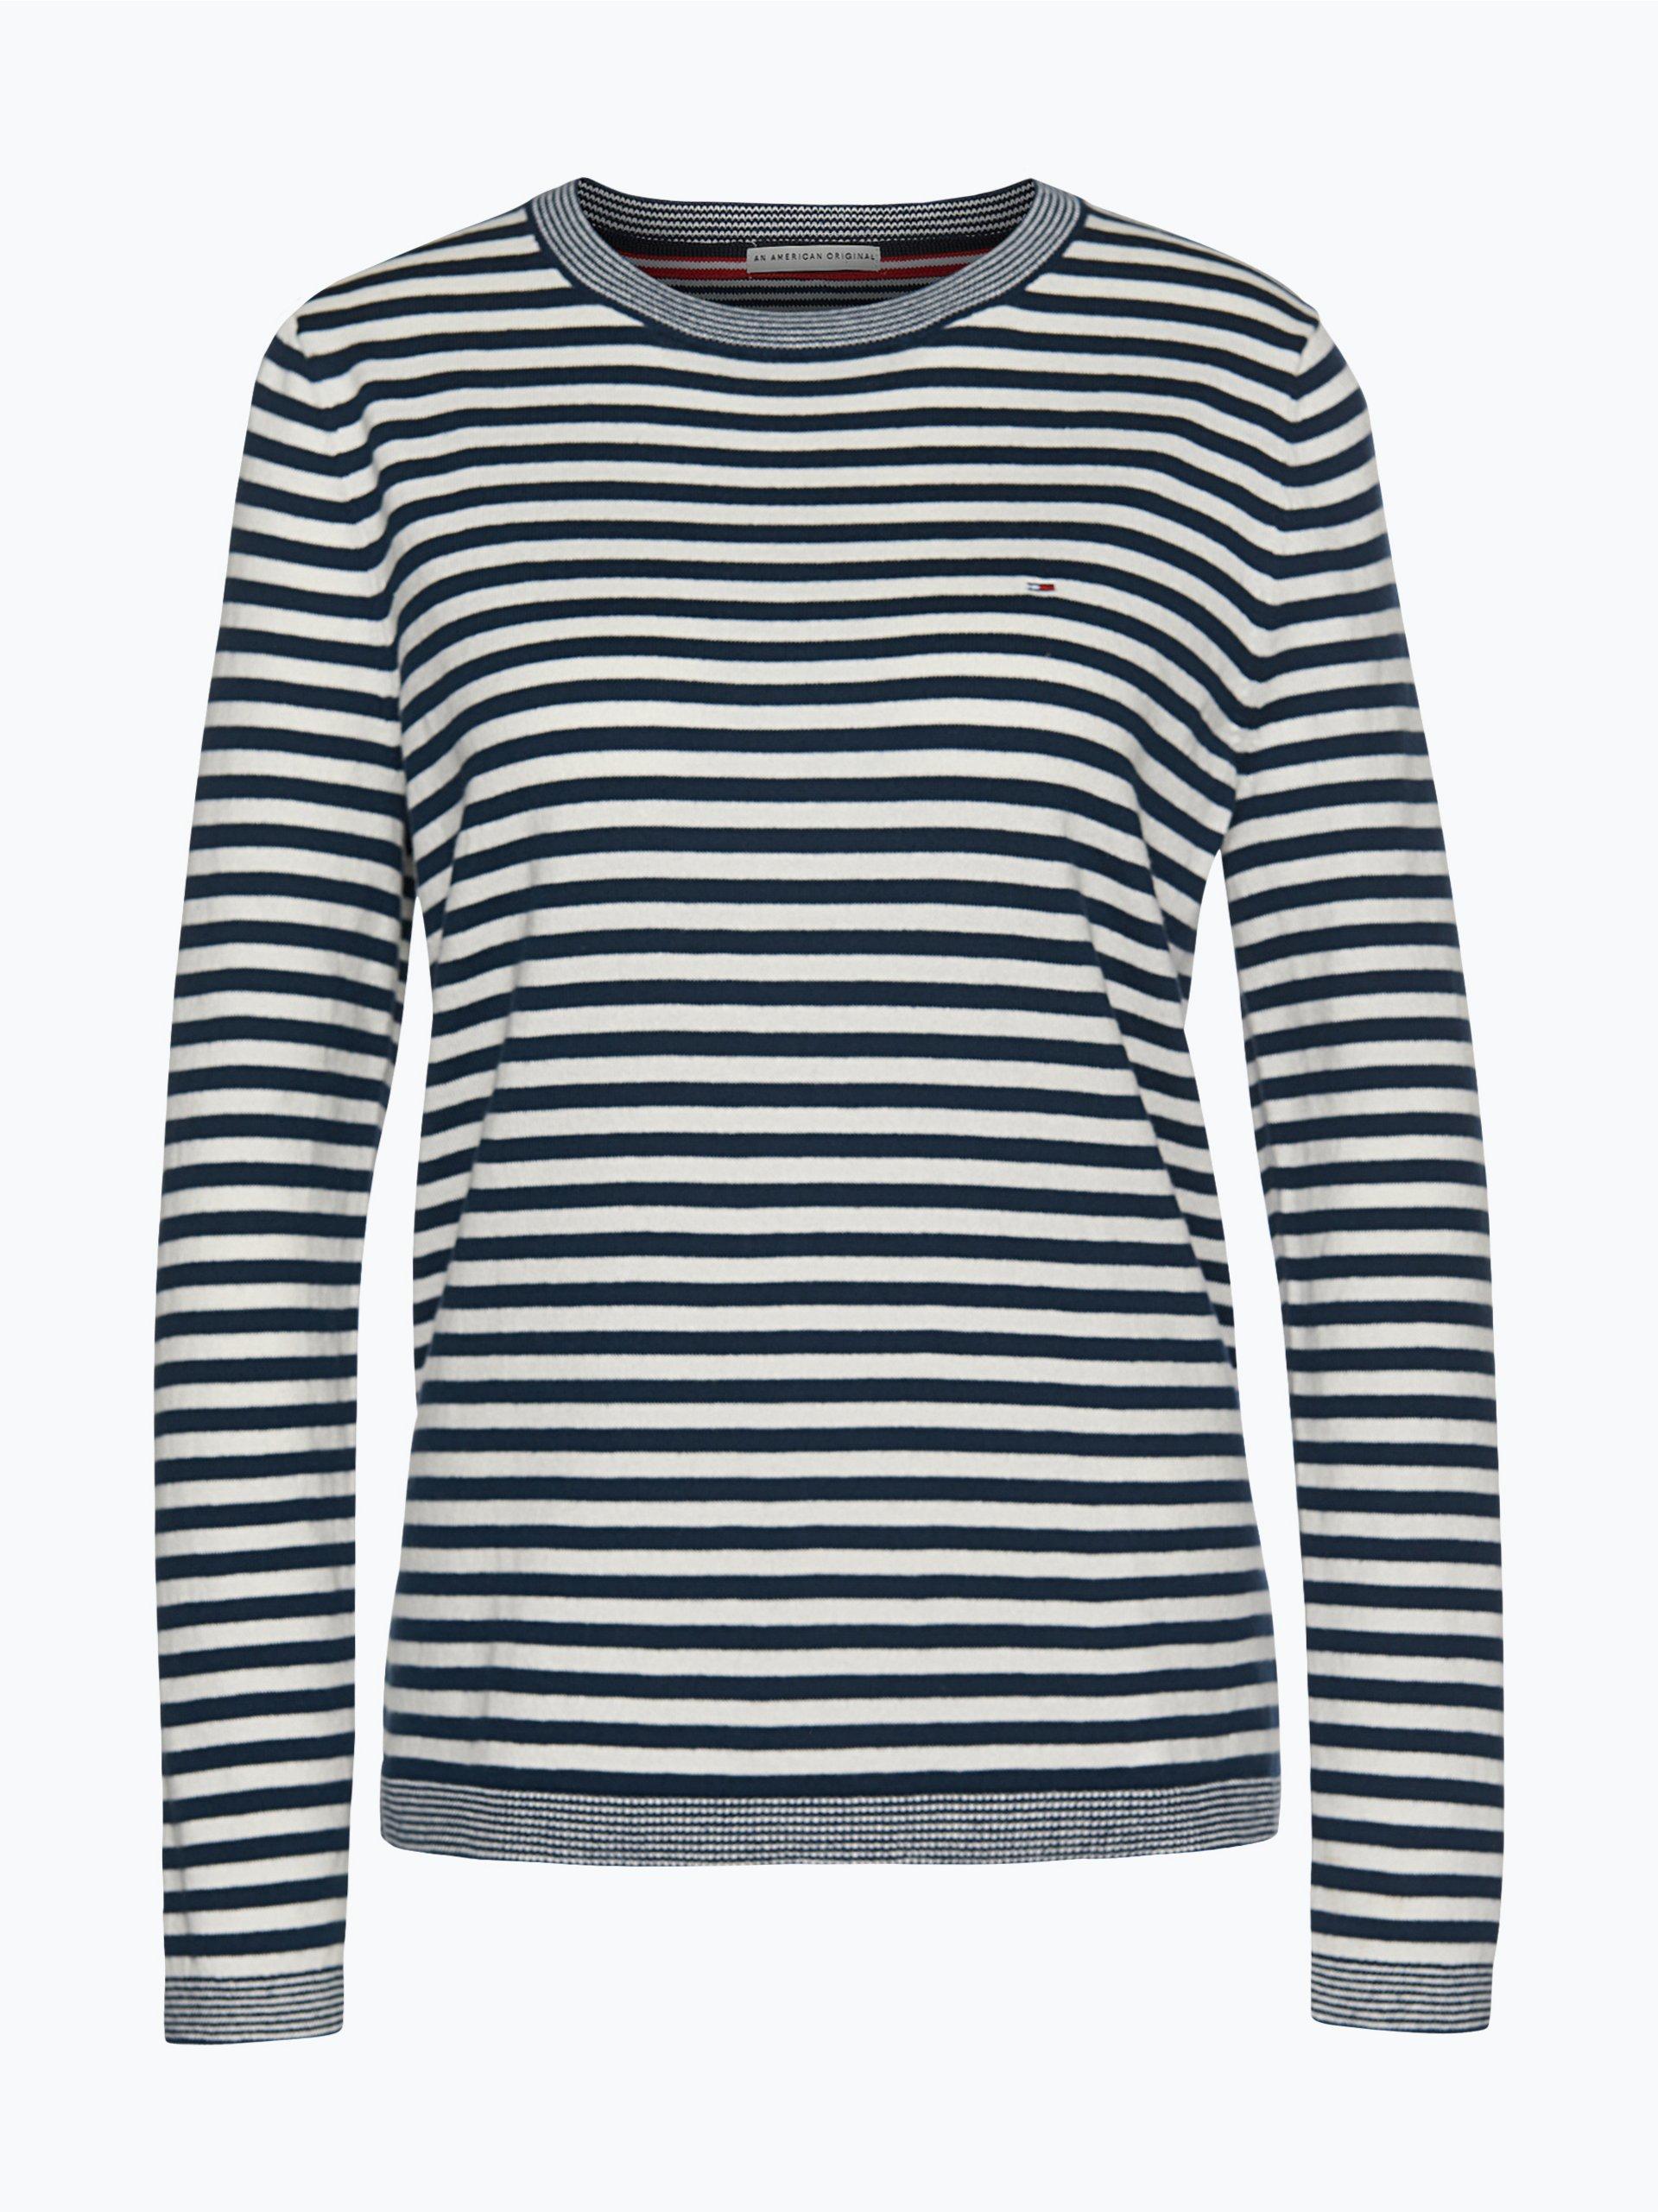 hilfiger denim damen pullover blau gestreift online kaufen. Black Bedroom Furniture Sets. Home Design Ideas